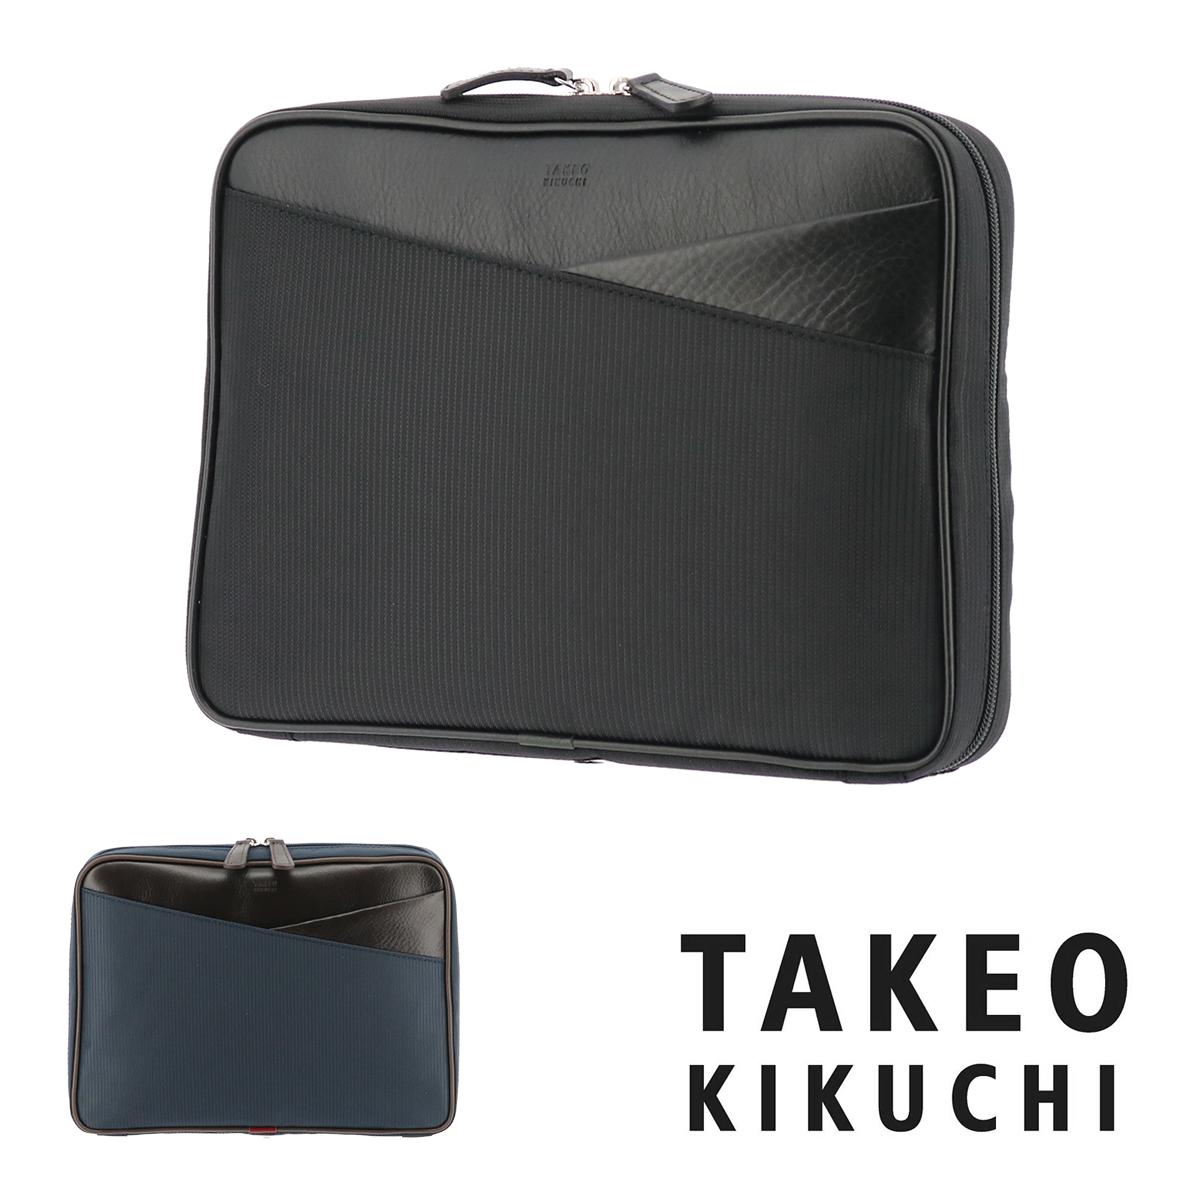 タケオキクチ セカンドバッグ 2WAY メンズ ジェッター | 778102 TAKEO KIKUCHI ショルダー付き クラッチバッグ スマートクラッチ 多機能 [bef][PO5]